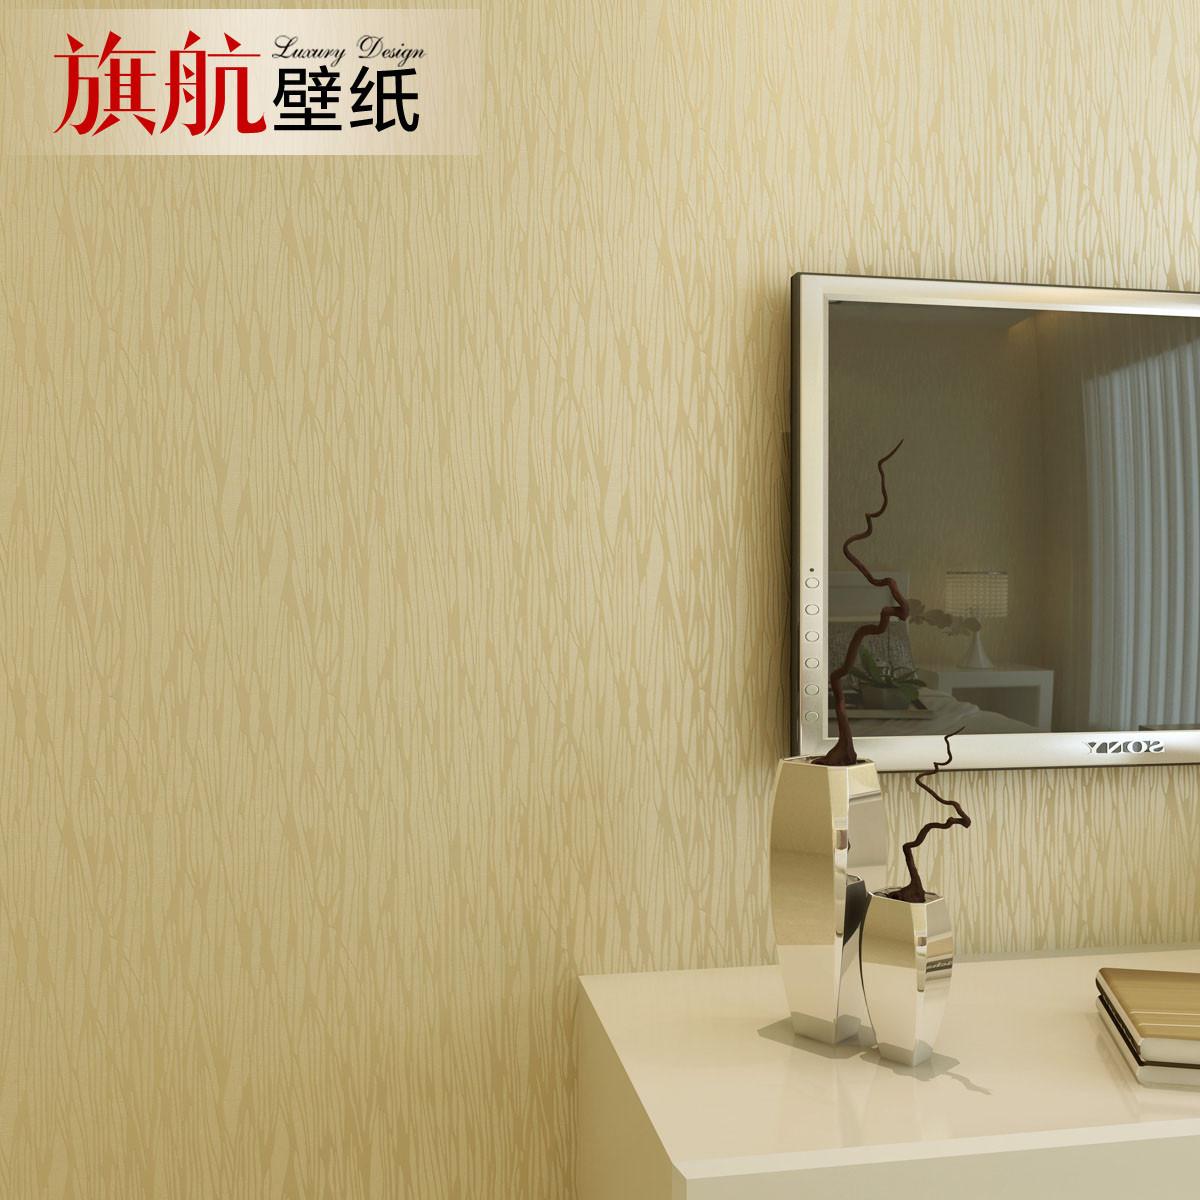 旗航壁紙 浮雕有圖案客廳臥室簡約現代 QHJ-N墻紙